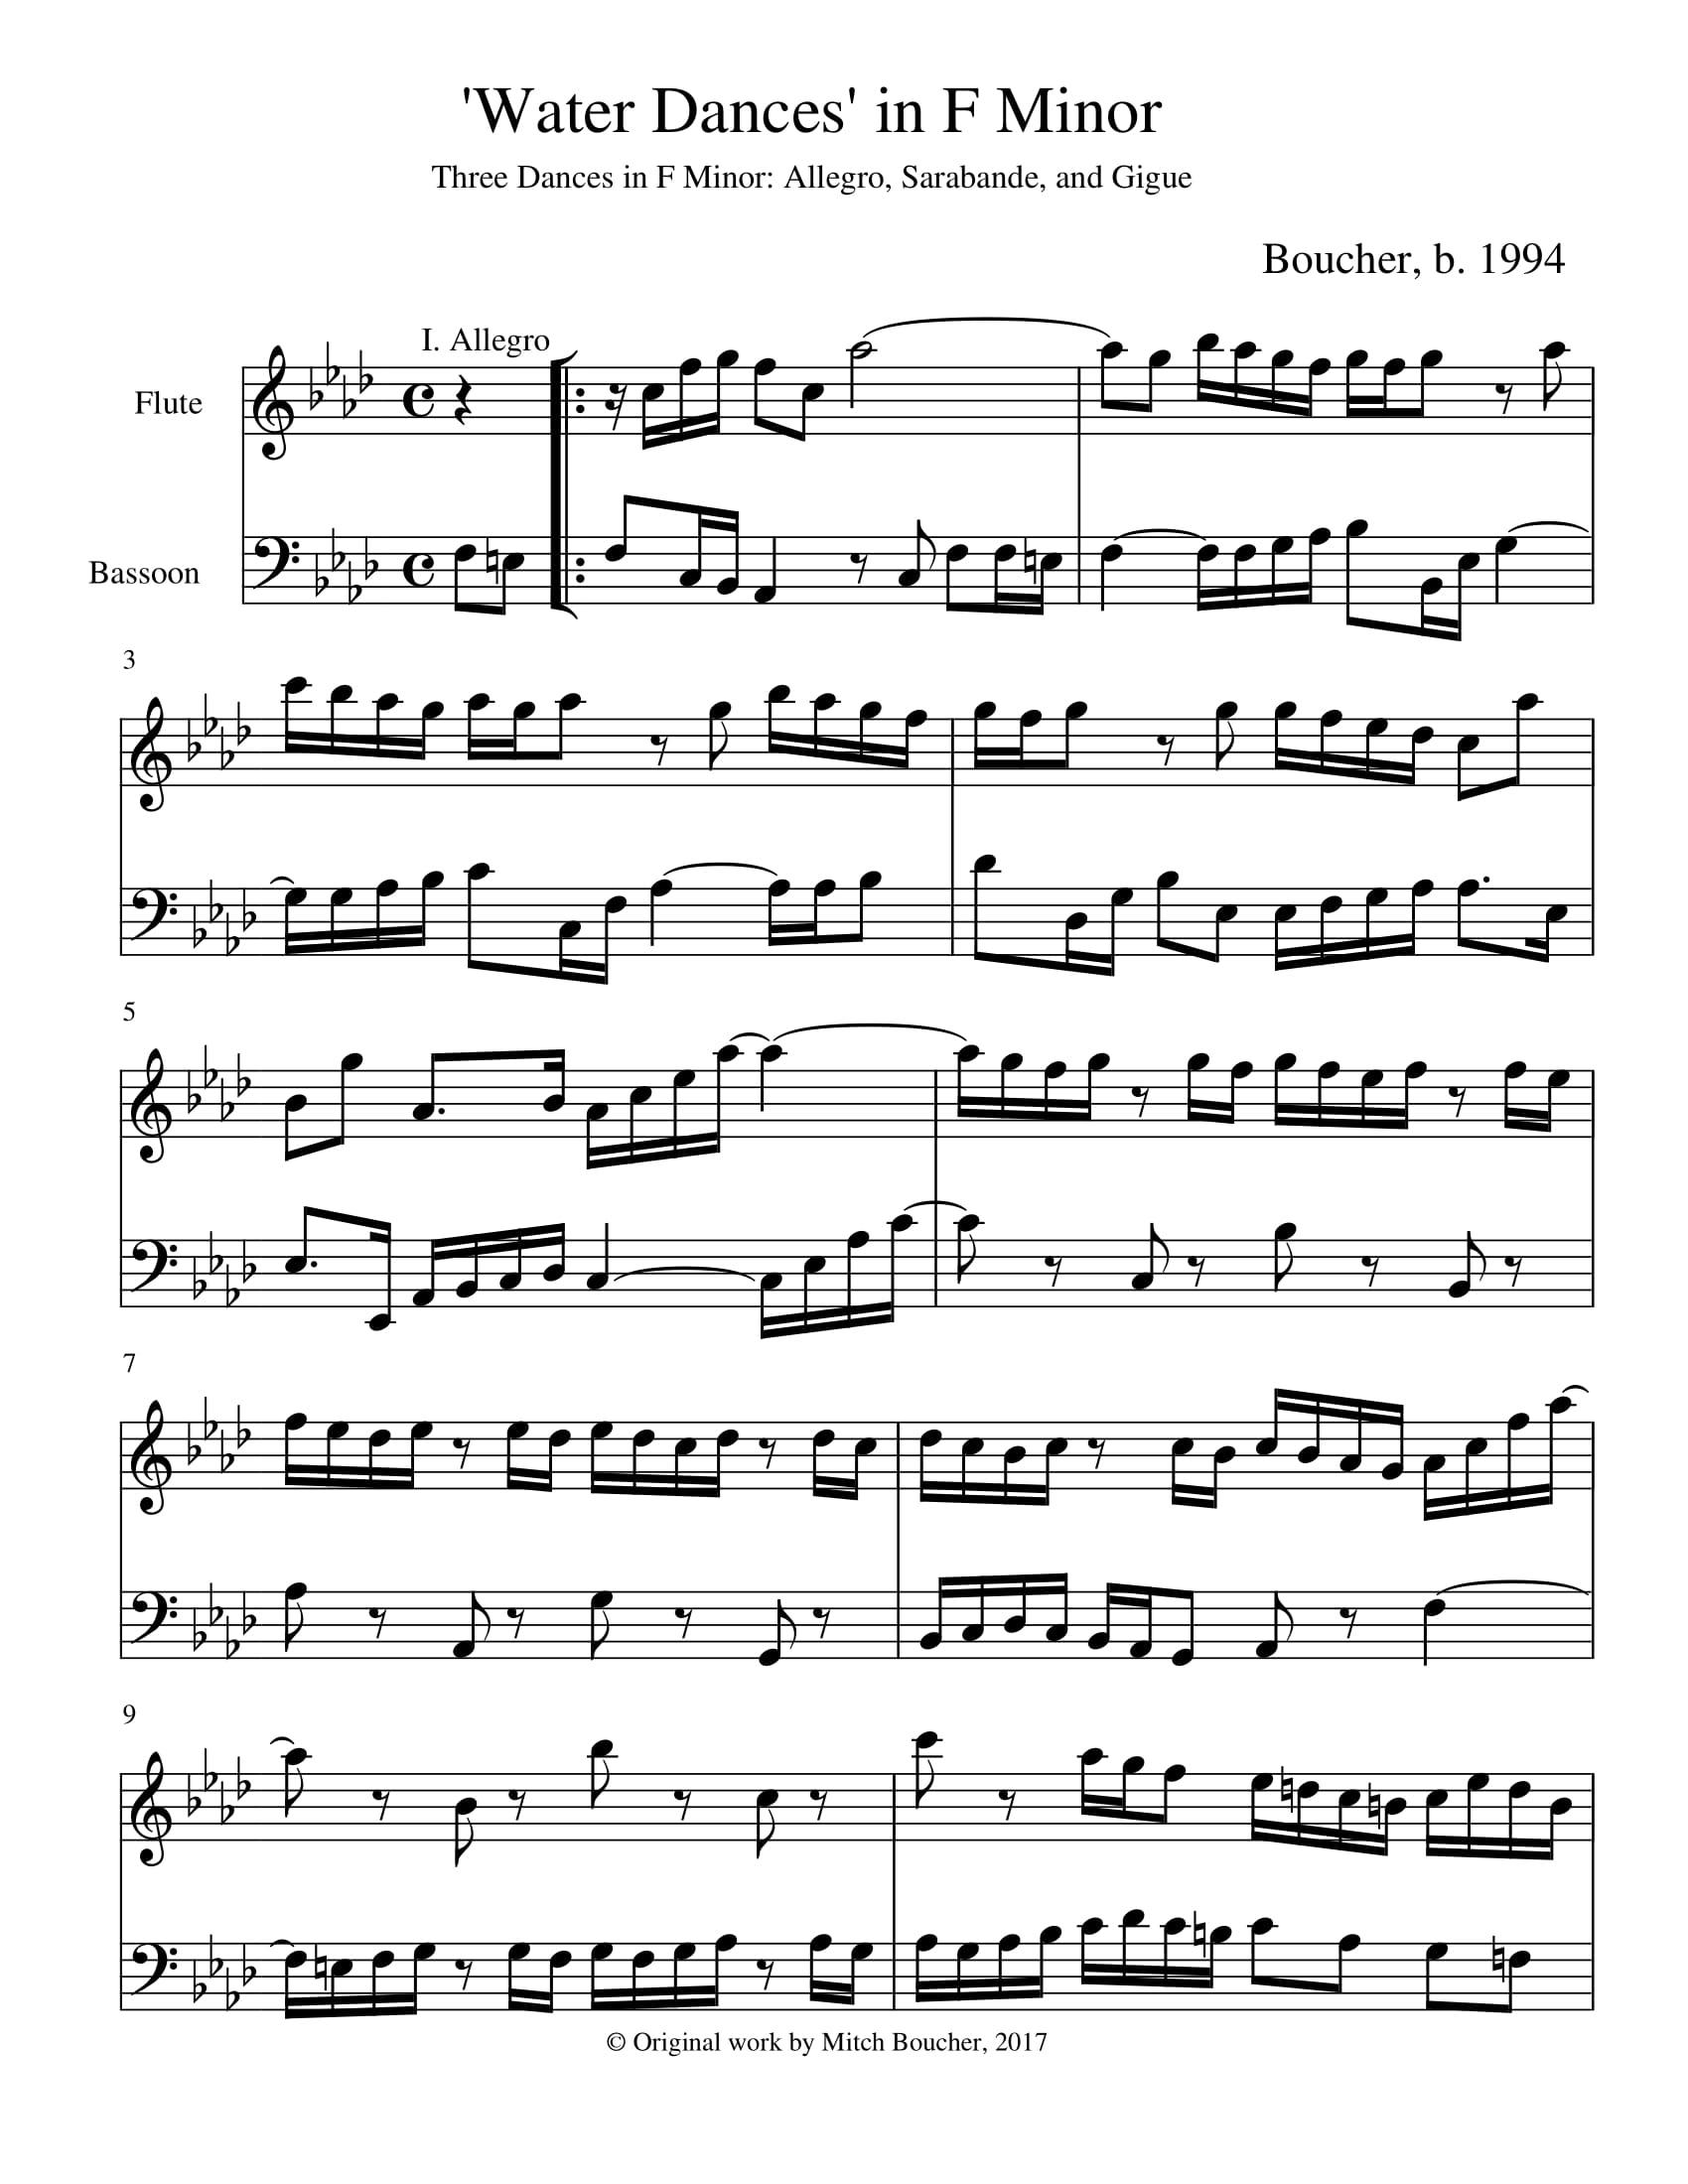 'Water Dances' in F minor